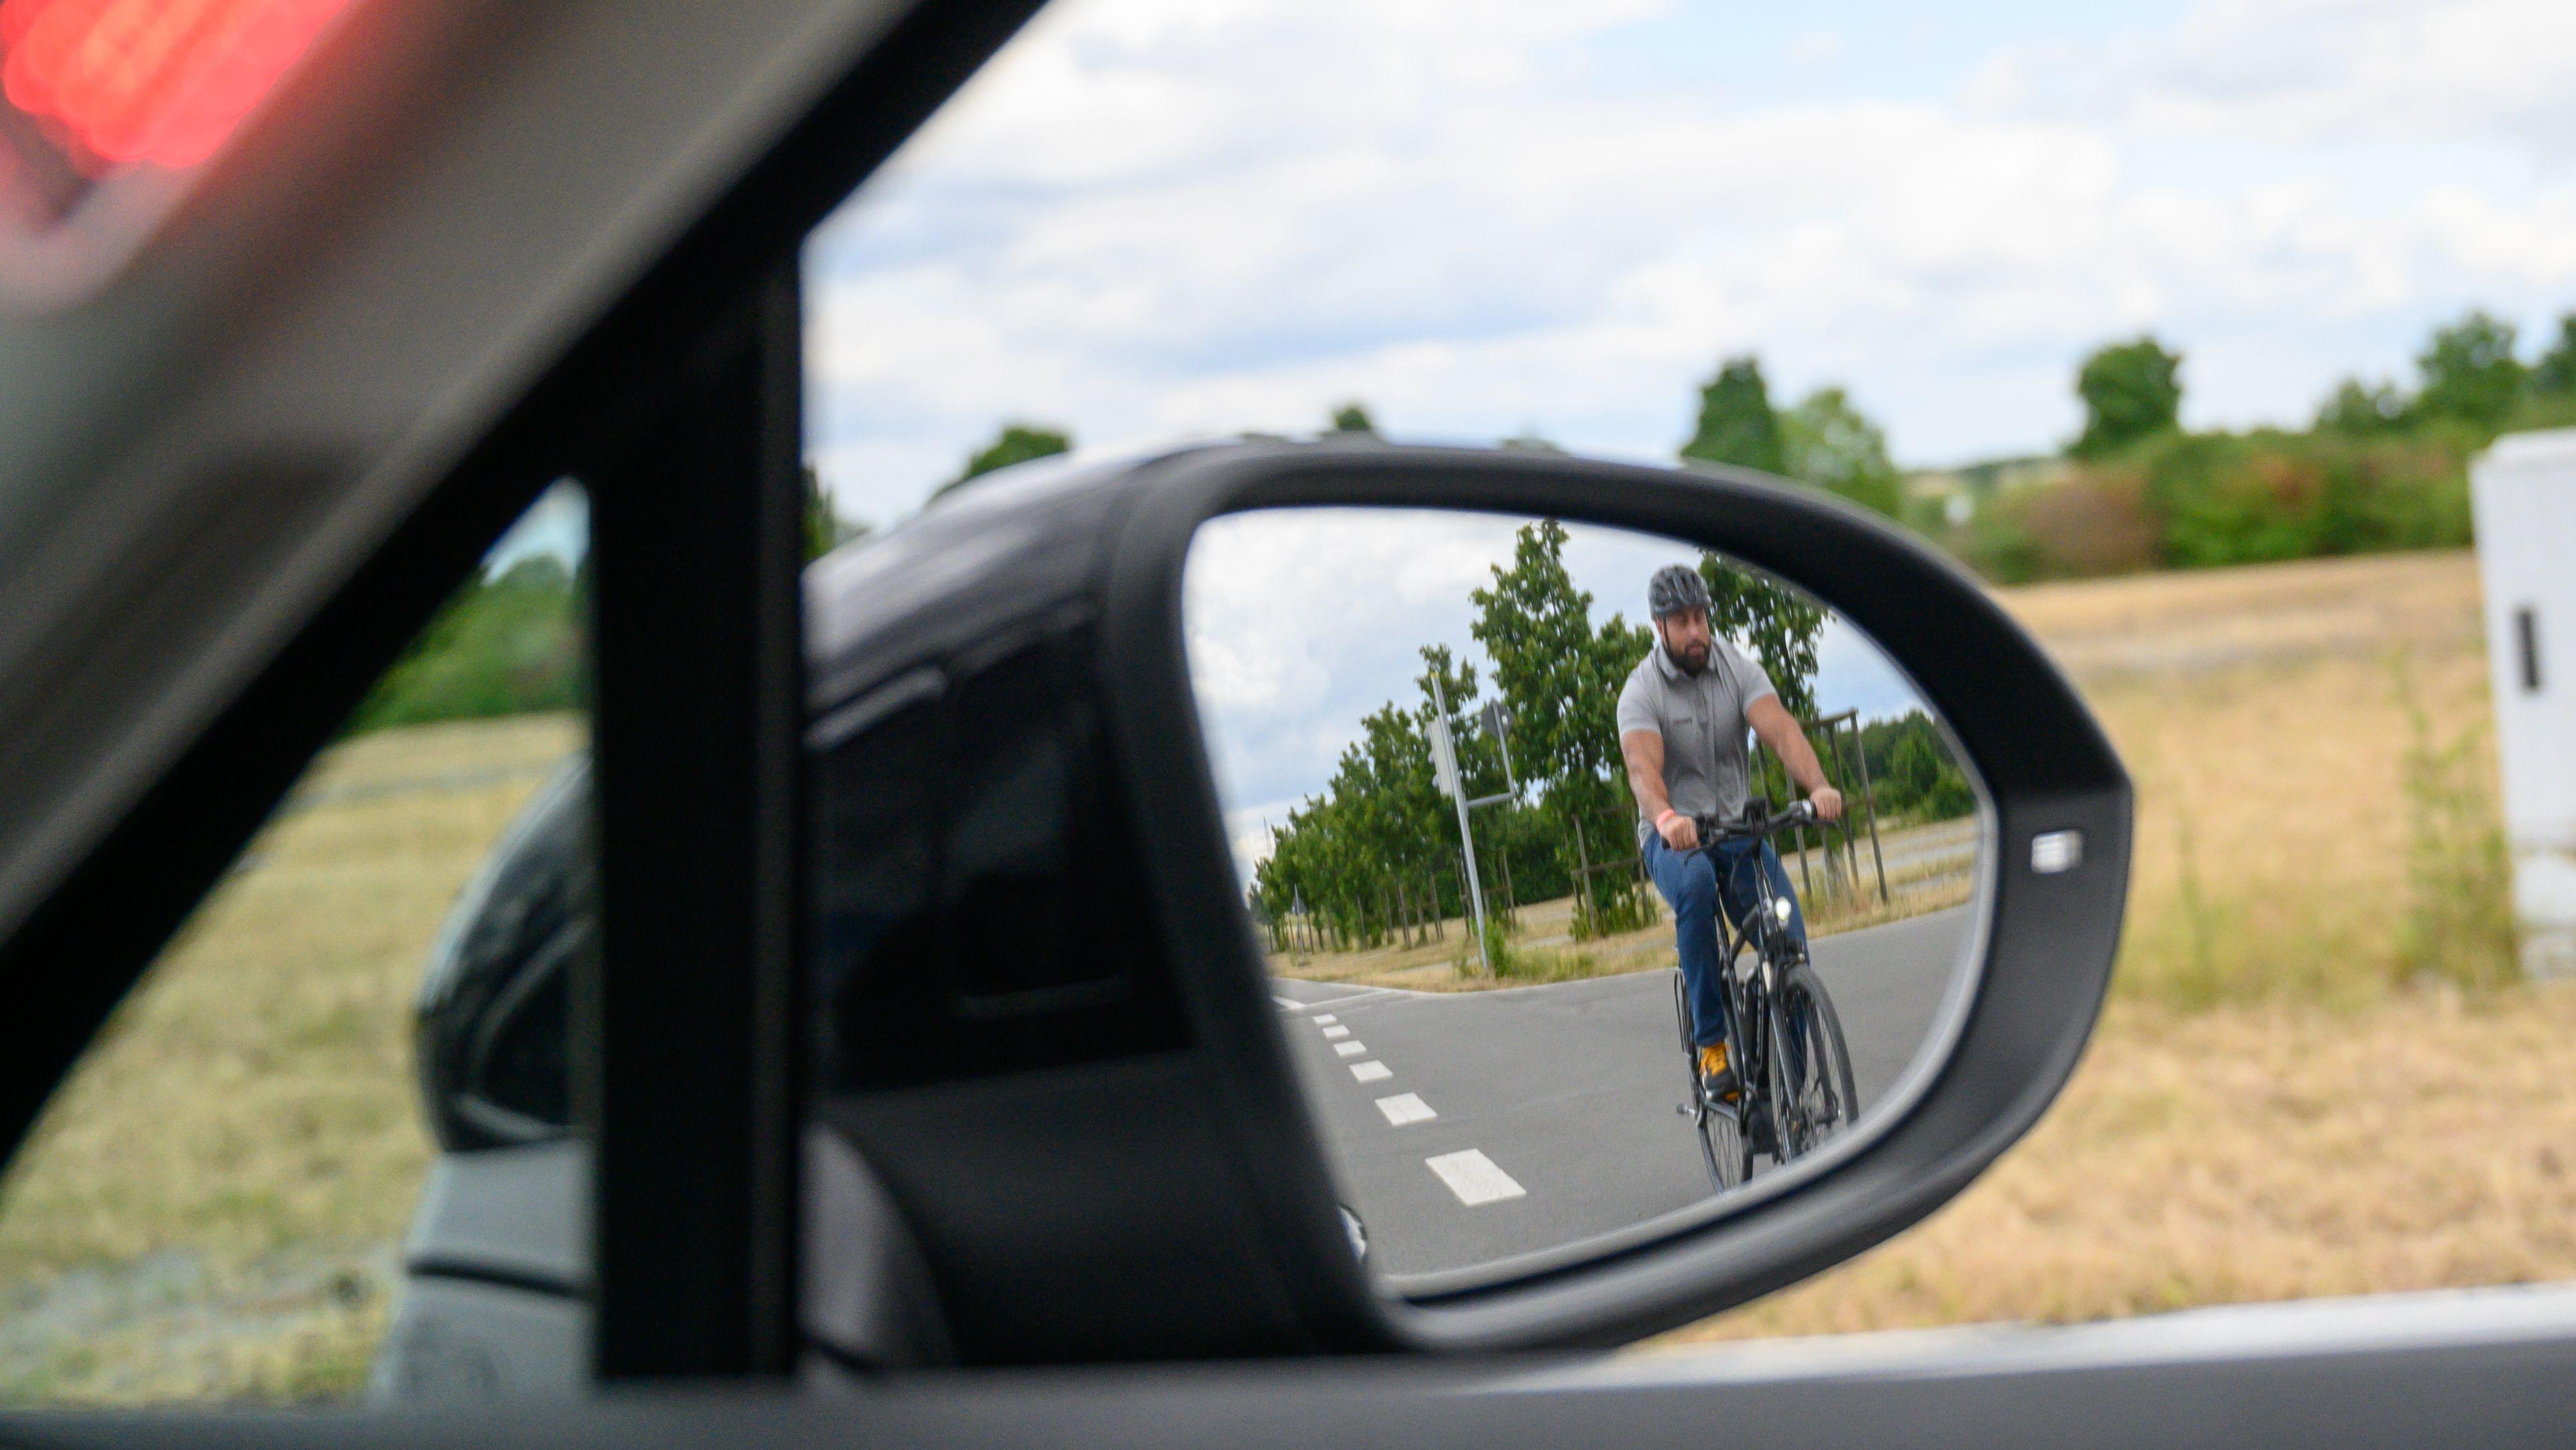 Im rechten Außenspiegel eines Autos ist ein Fahrradfahrer zu sehen, der sich von hinten nähert. Im Hintergrund: Feld und Wiese.